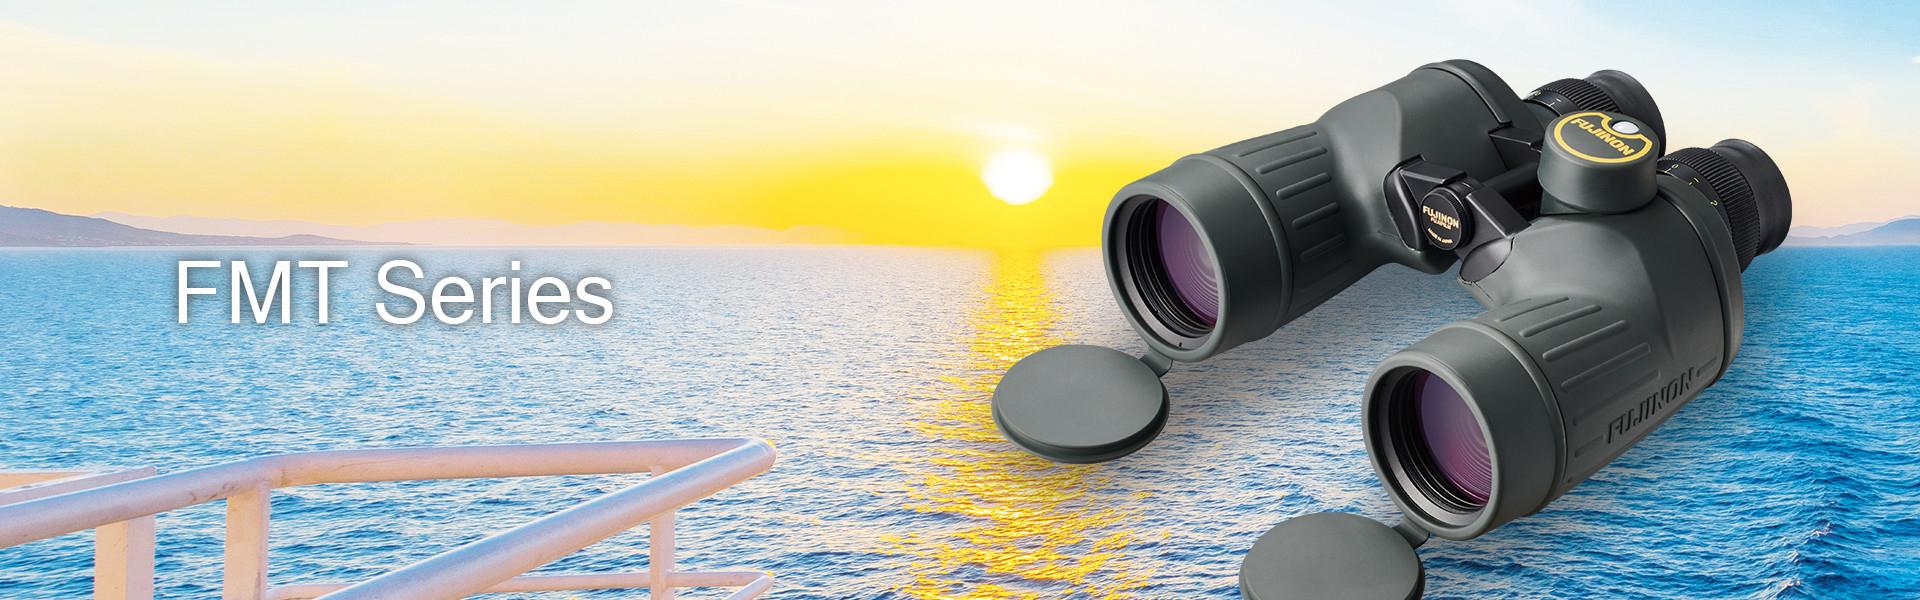 [foto] Texto da Série FMT com um binóculo Fujifilm da Série FMT e um pôr do sol no fundo, sobre o oceano